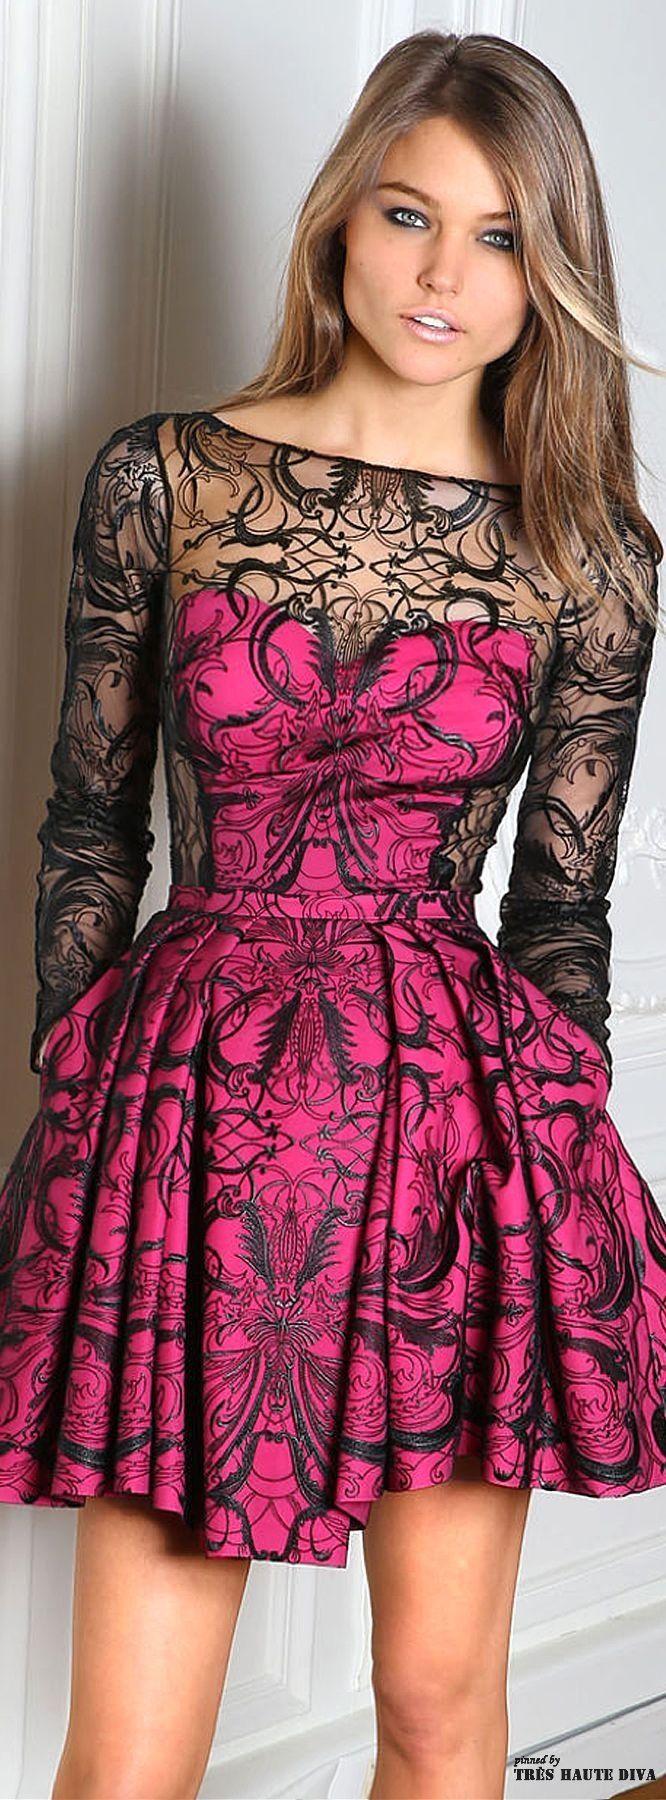 25 mejores imágenes en Dresses & more....!!!! en Pinterest ...